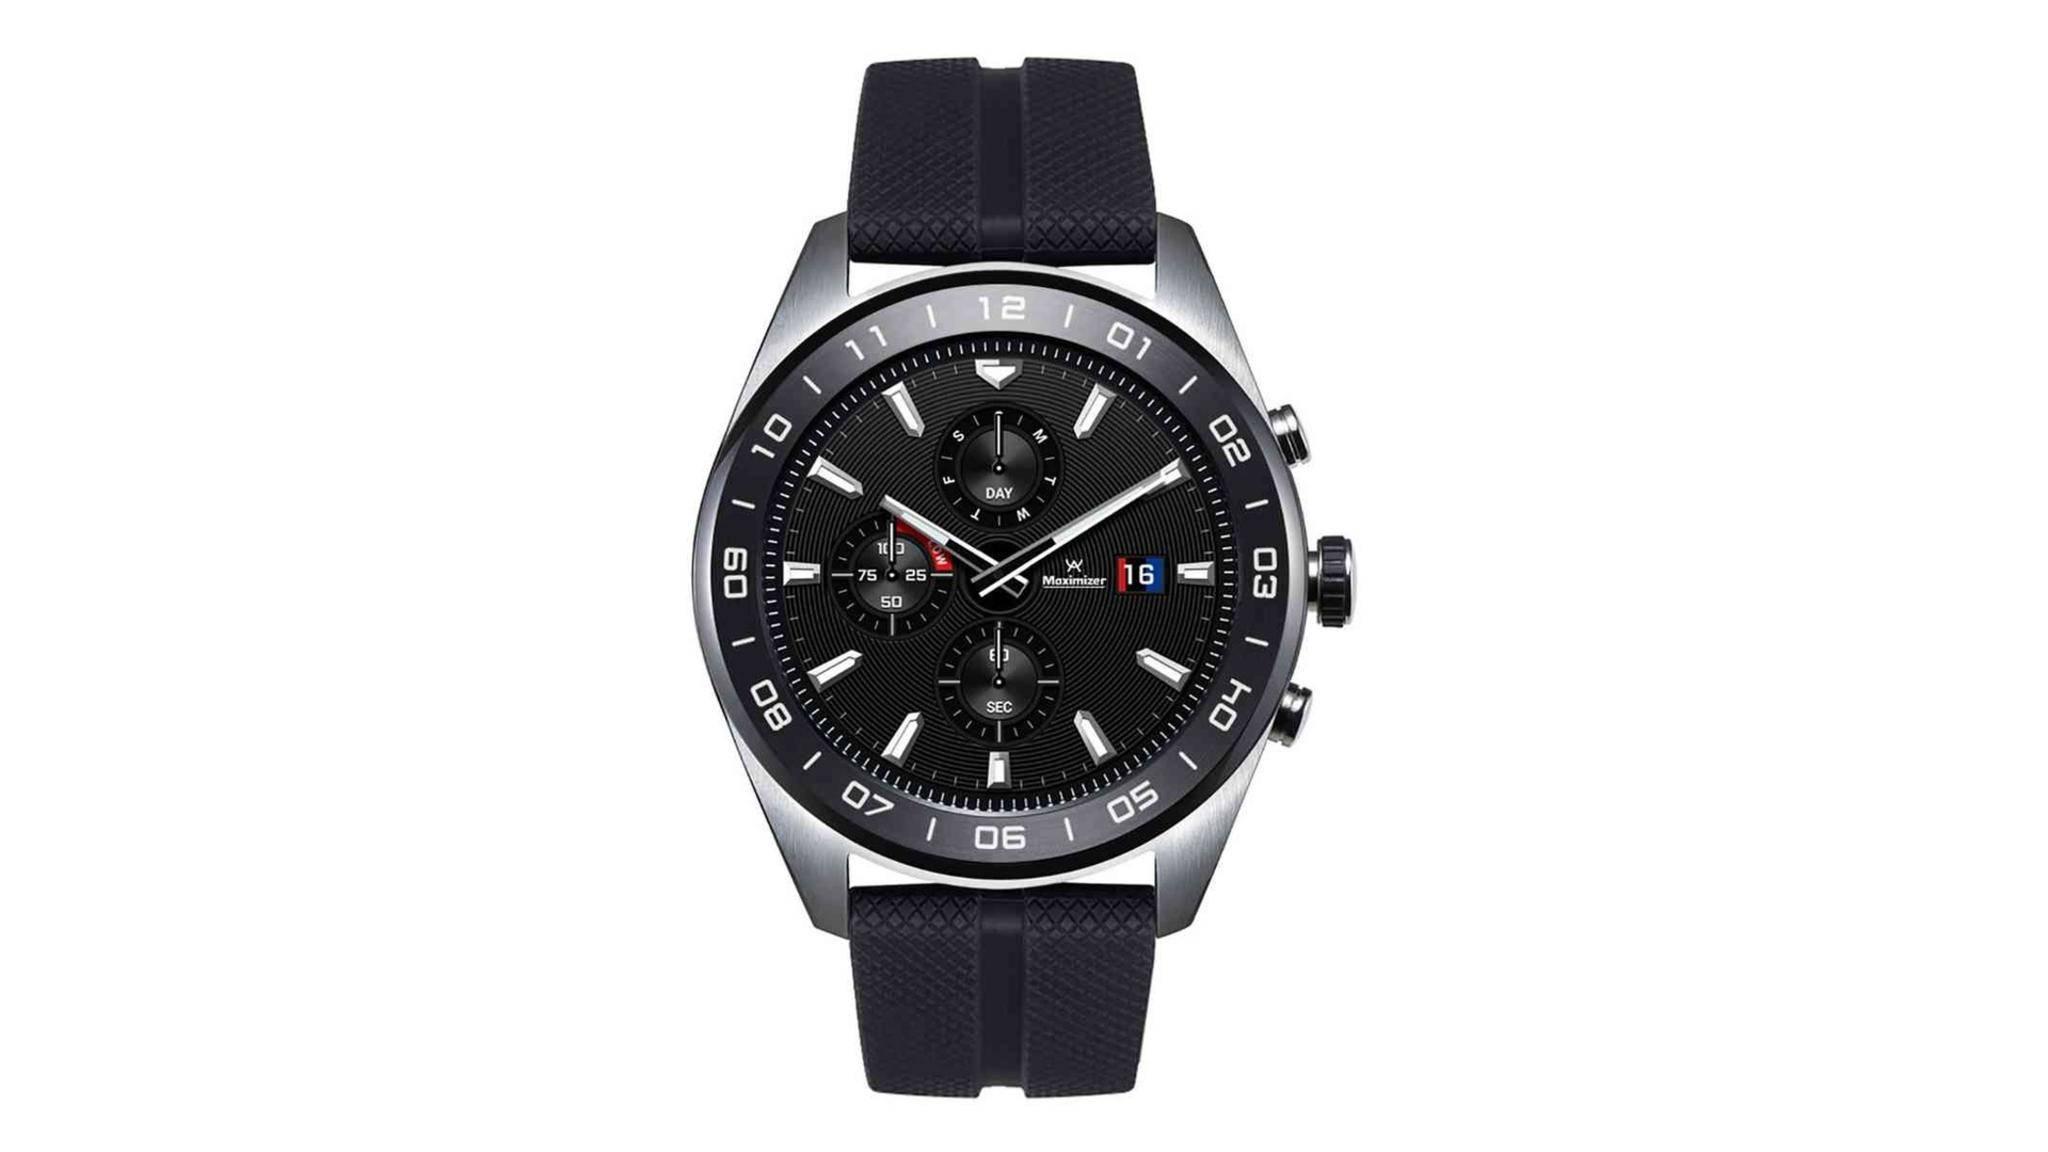 Die LG Watch W7 ist eine Hybrid-Smartwatch mit Wear OS.